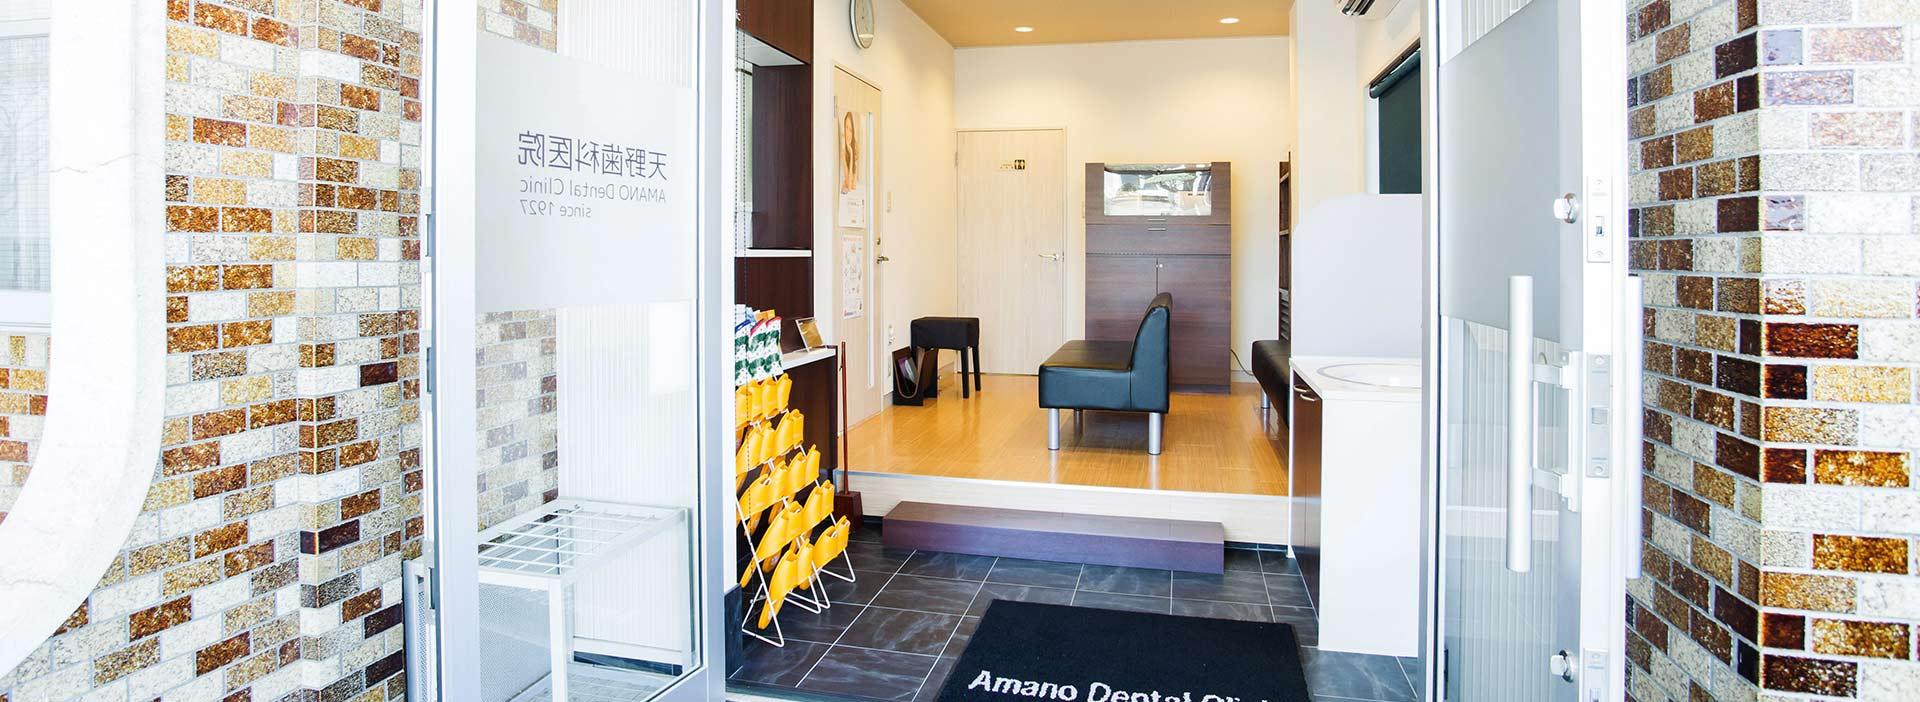 天野歯科医院(富士吉田市)の入り口・外観。ラックスして医院内に入っていただけるよう、落ち着いた、親しみのある雰囲気となっています。